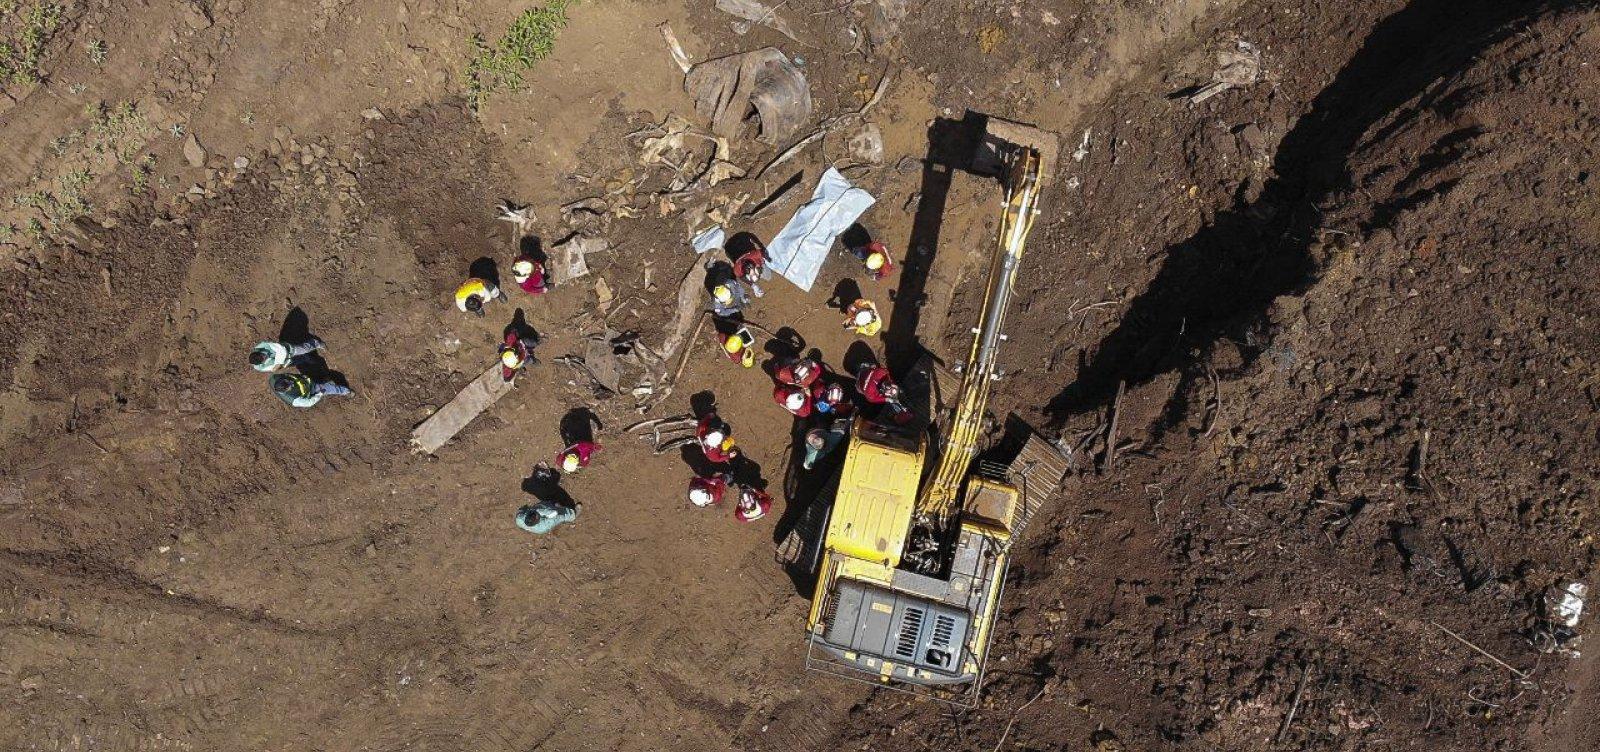 Vale assina acordo de R$ 37,680 bilhões para reparar tragédia de Brumadinho